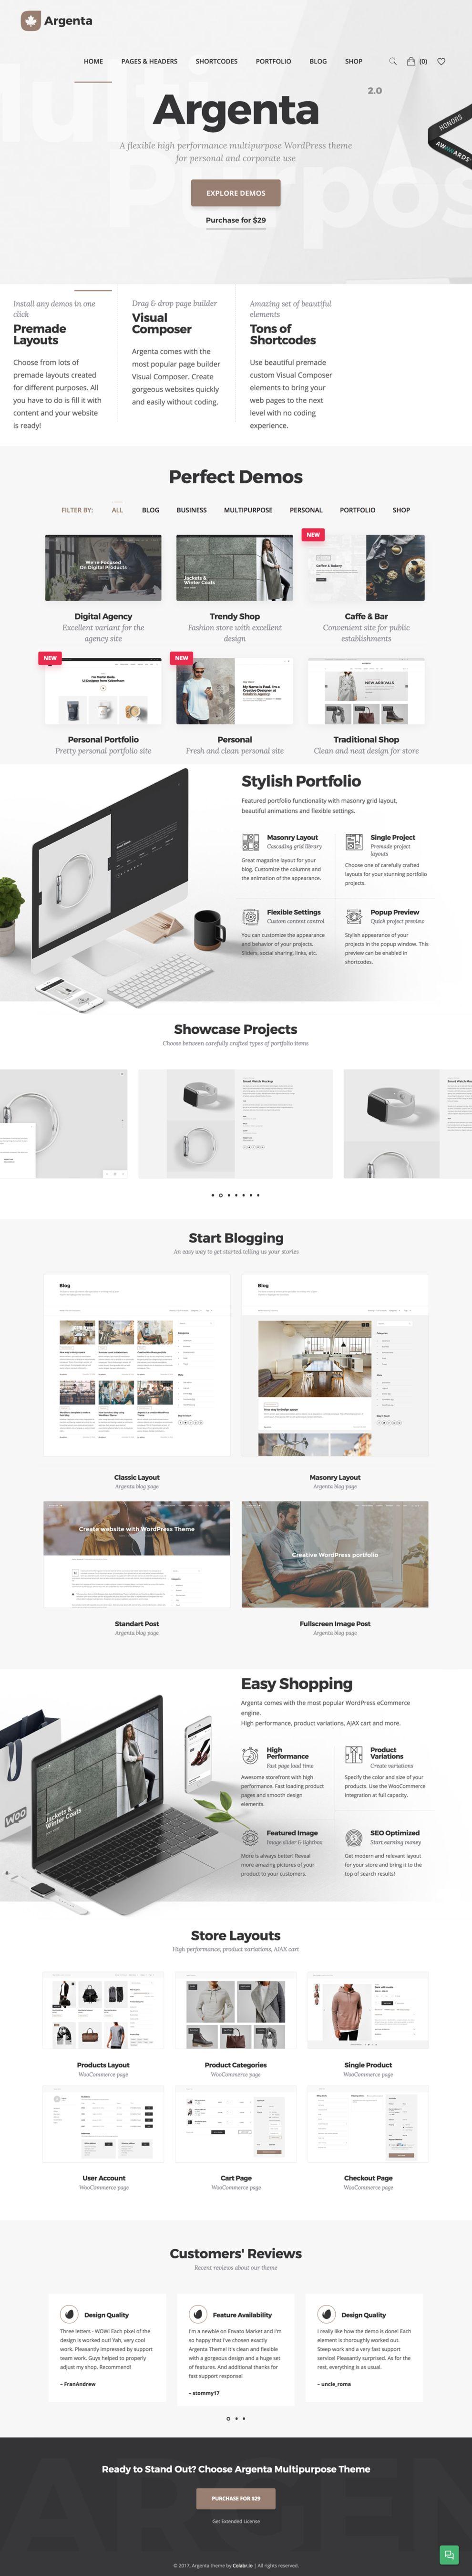 Argenta Corporate Homepage